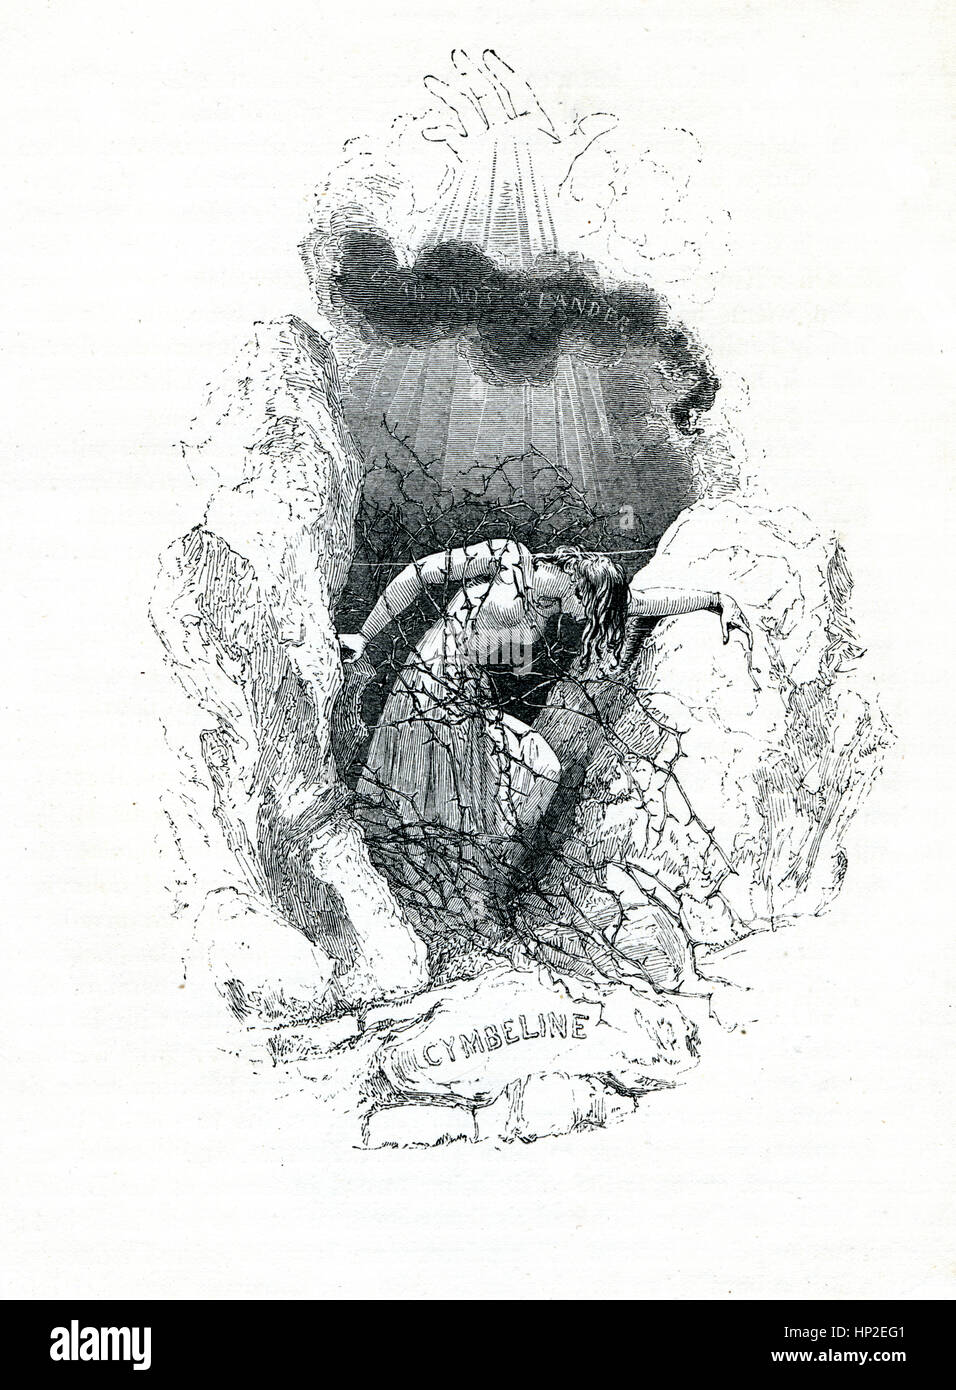 Cymbeline, Vittoriano prenota frontespizio per il gioco da William Shakespeare dal 1849 libro illustrato eroine Immagini Stock